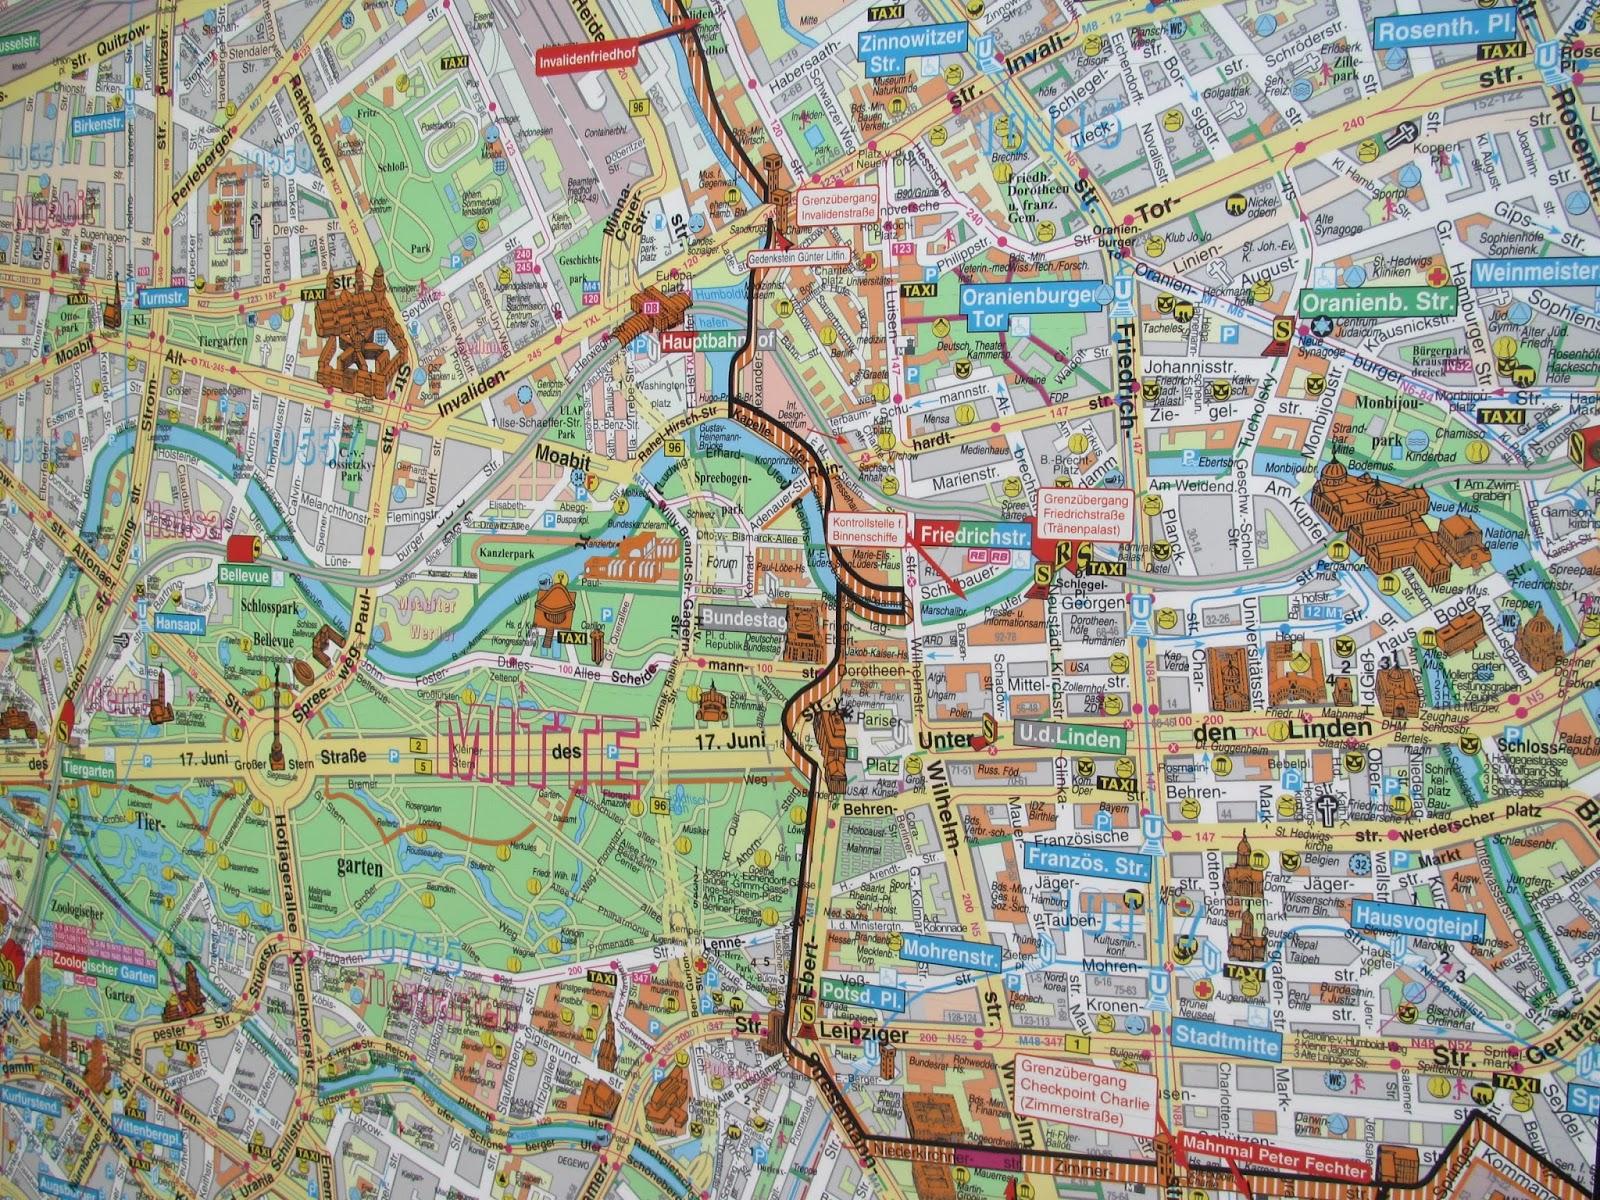 karta berlin sevärdheter Blogging around the world with Lilian: Lilians lilla Berlin guide  karta berlin sevärdheter